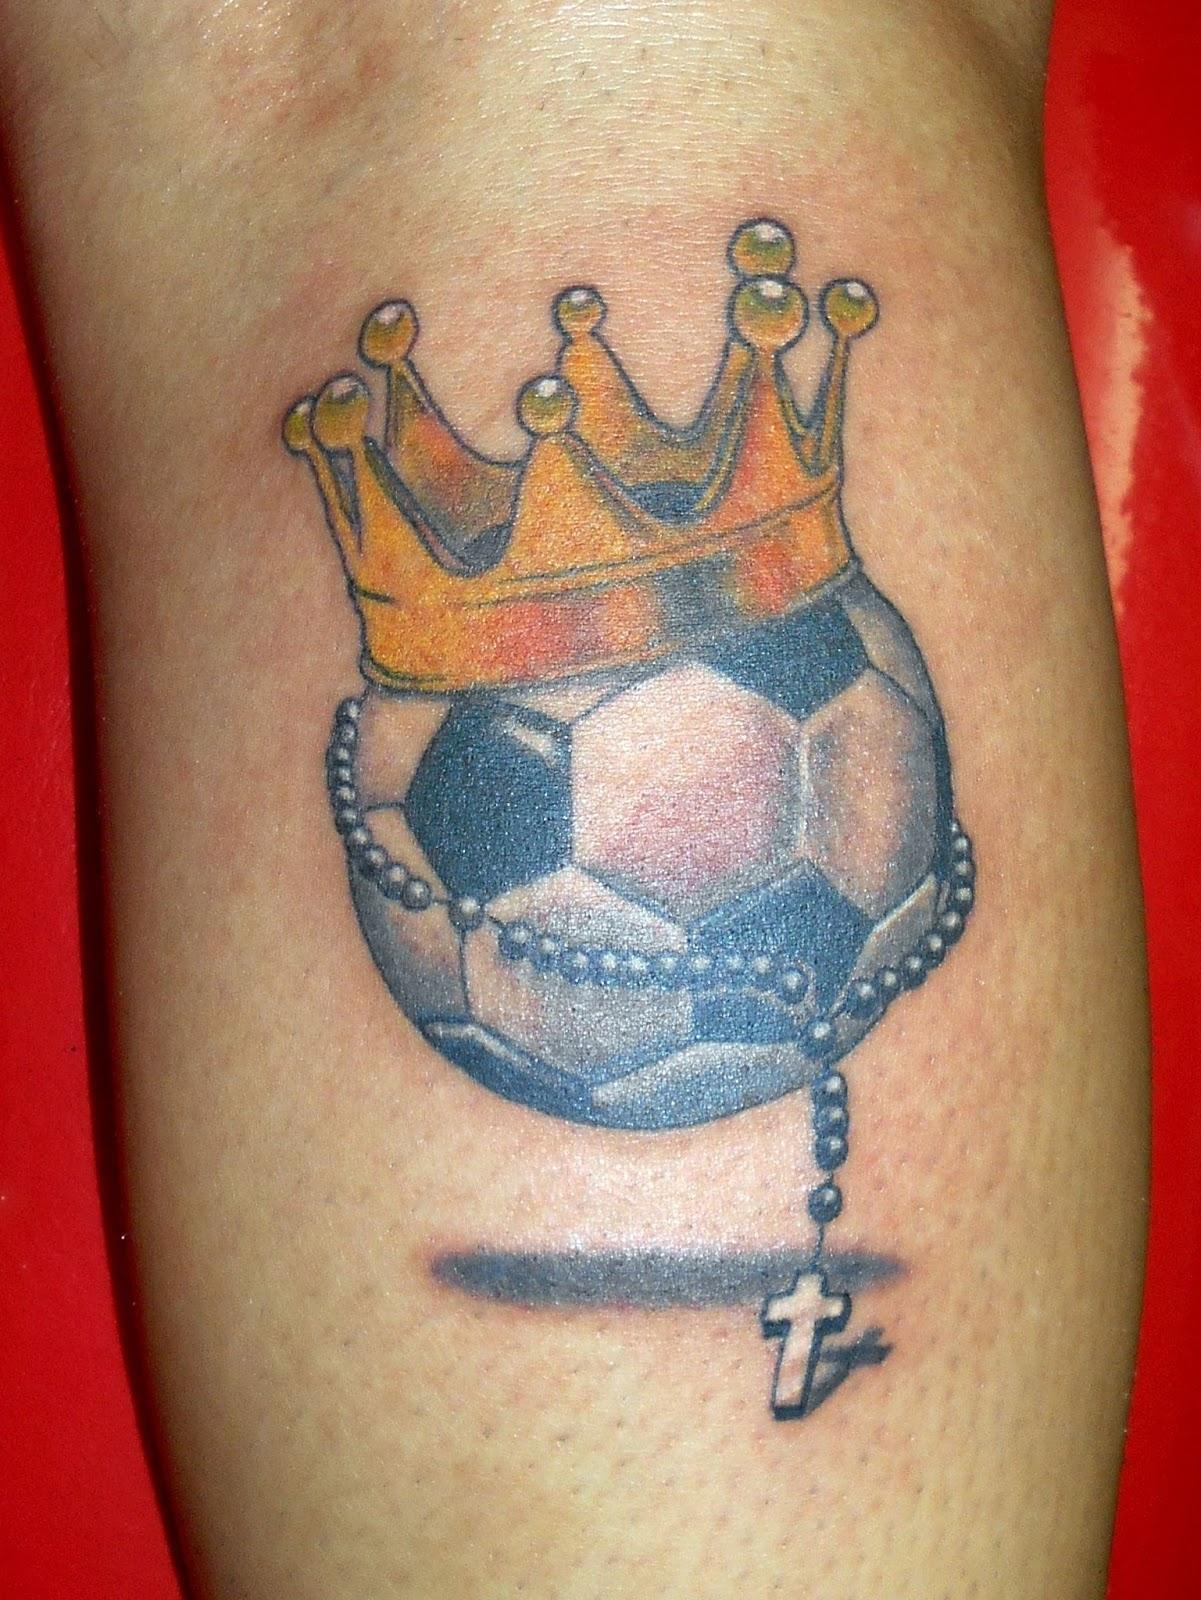 Tatuajes Lfa Tatuaje Pelota De Futbol